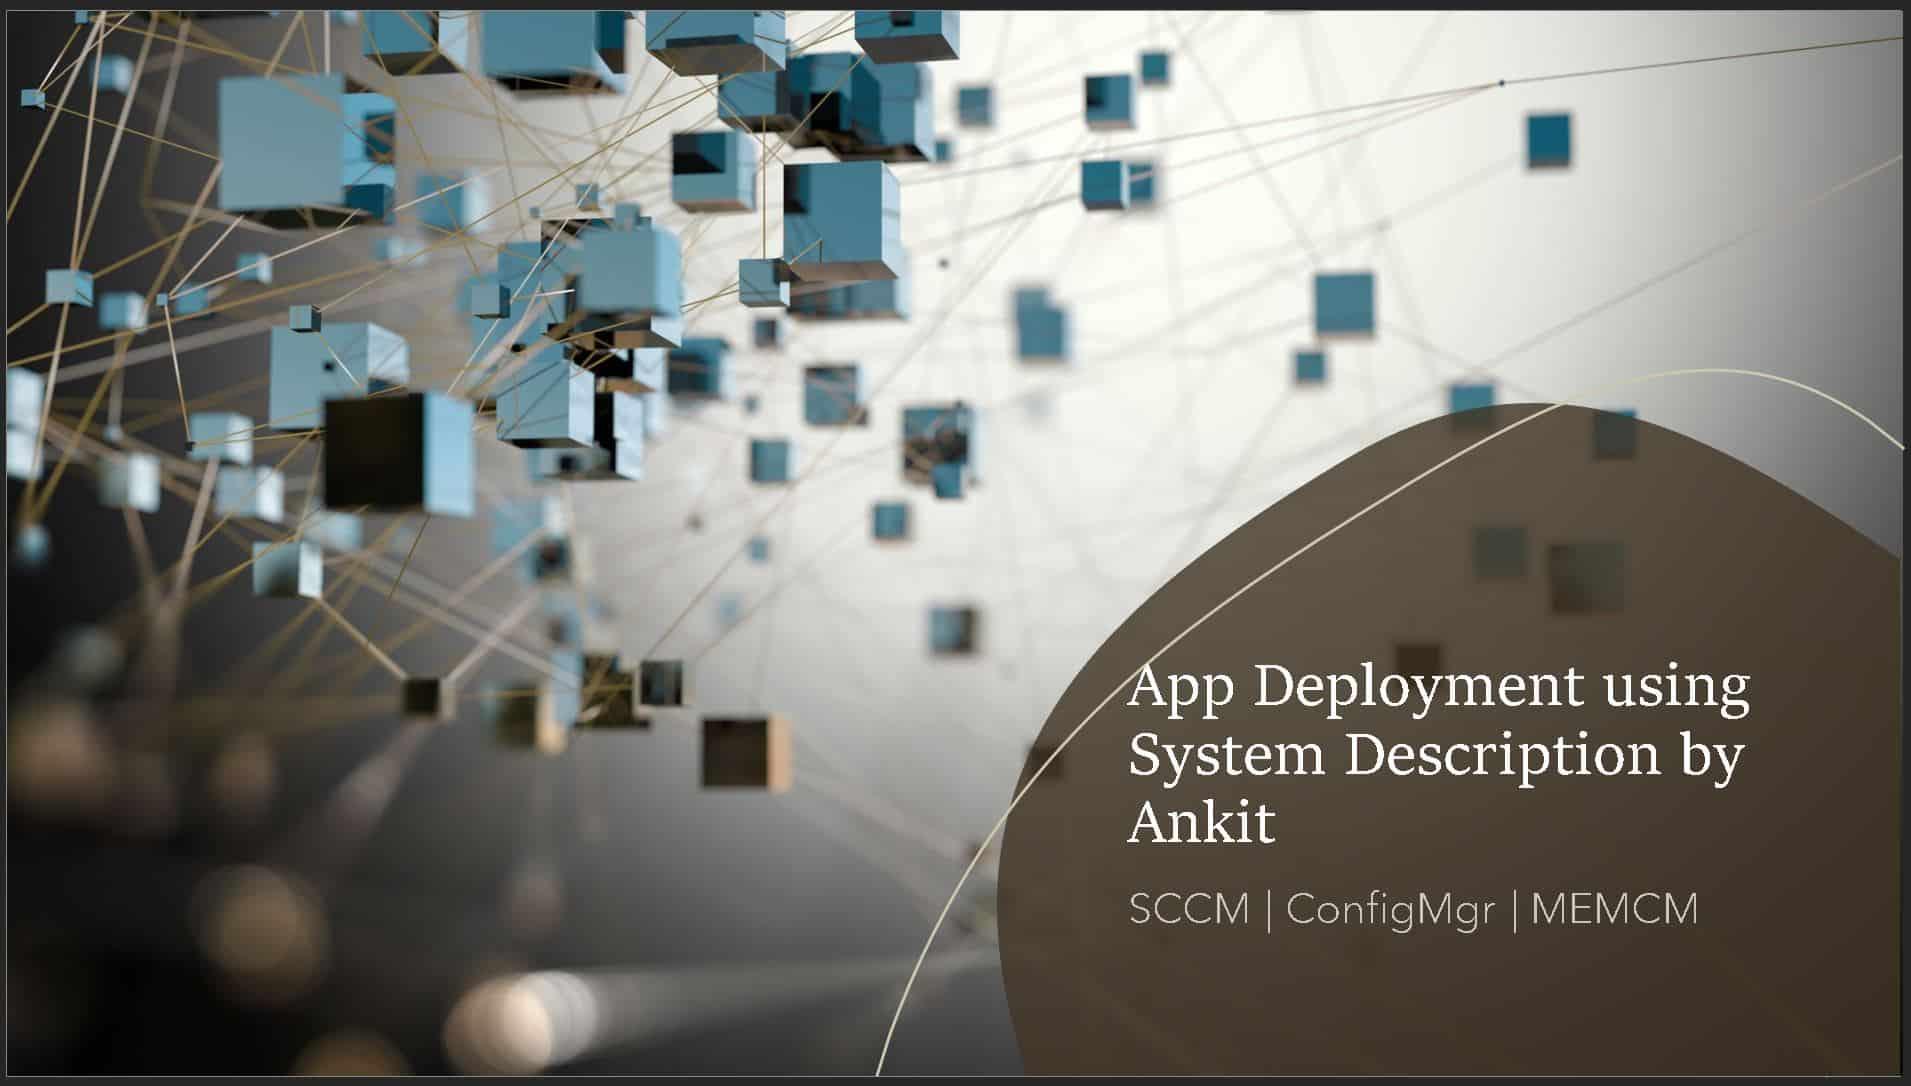 SCCM Deploy Application Based on Active Directory System Description